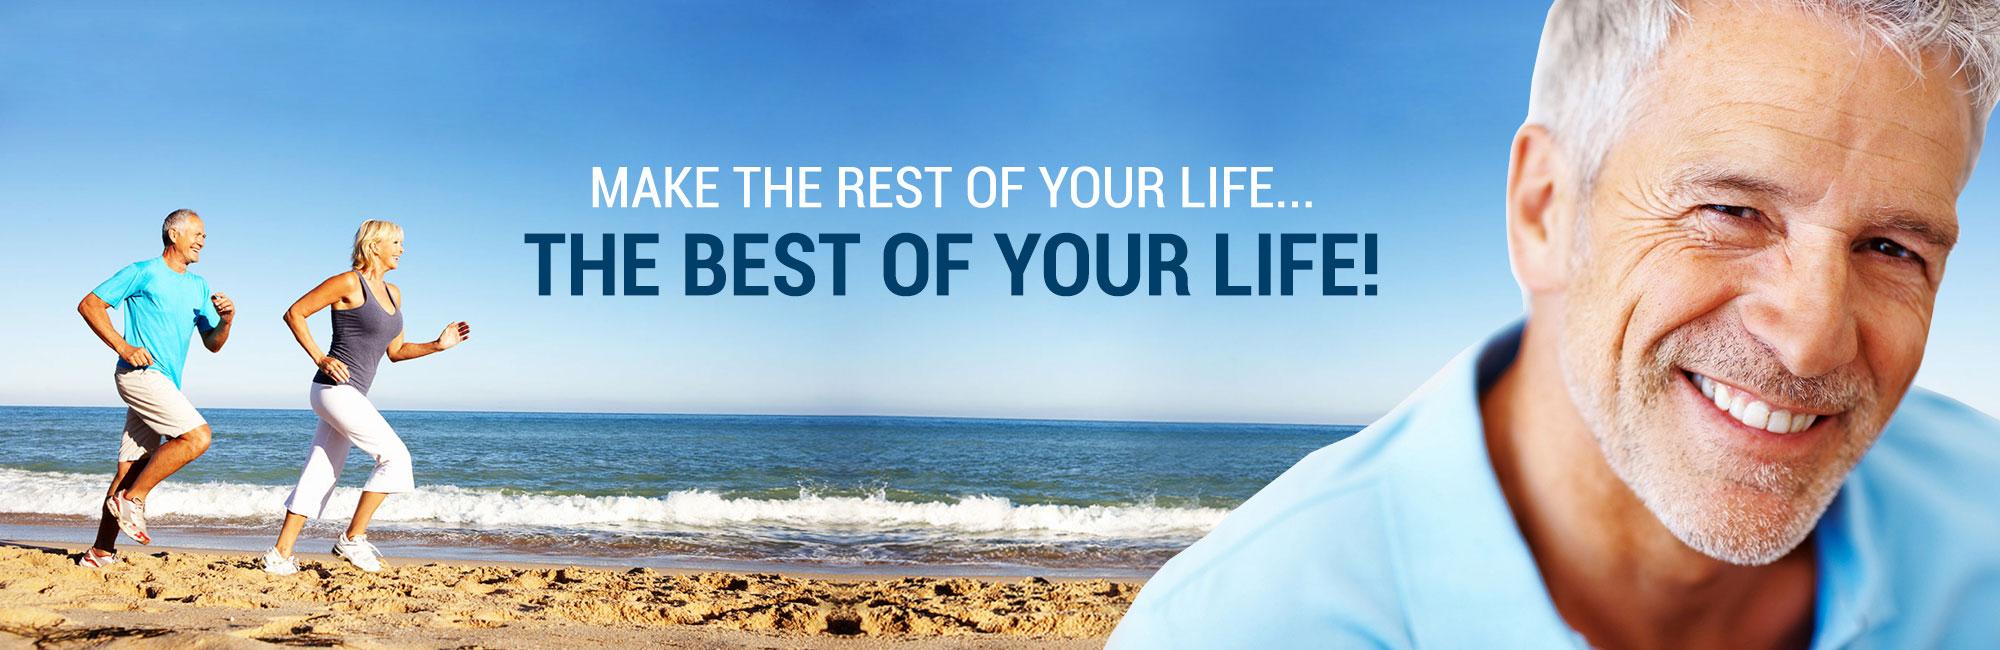 Best-life